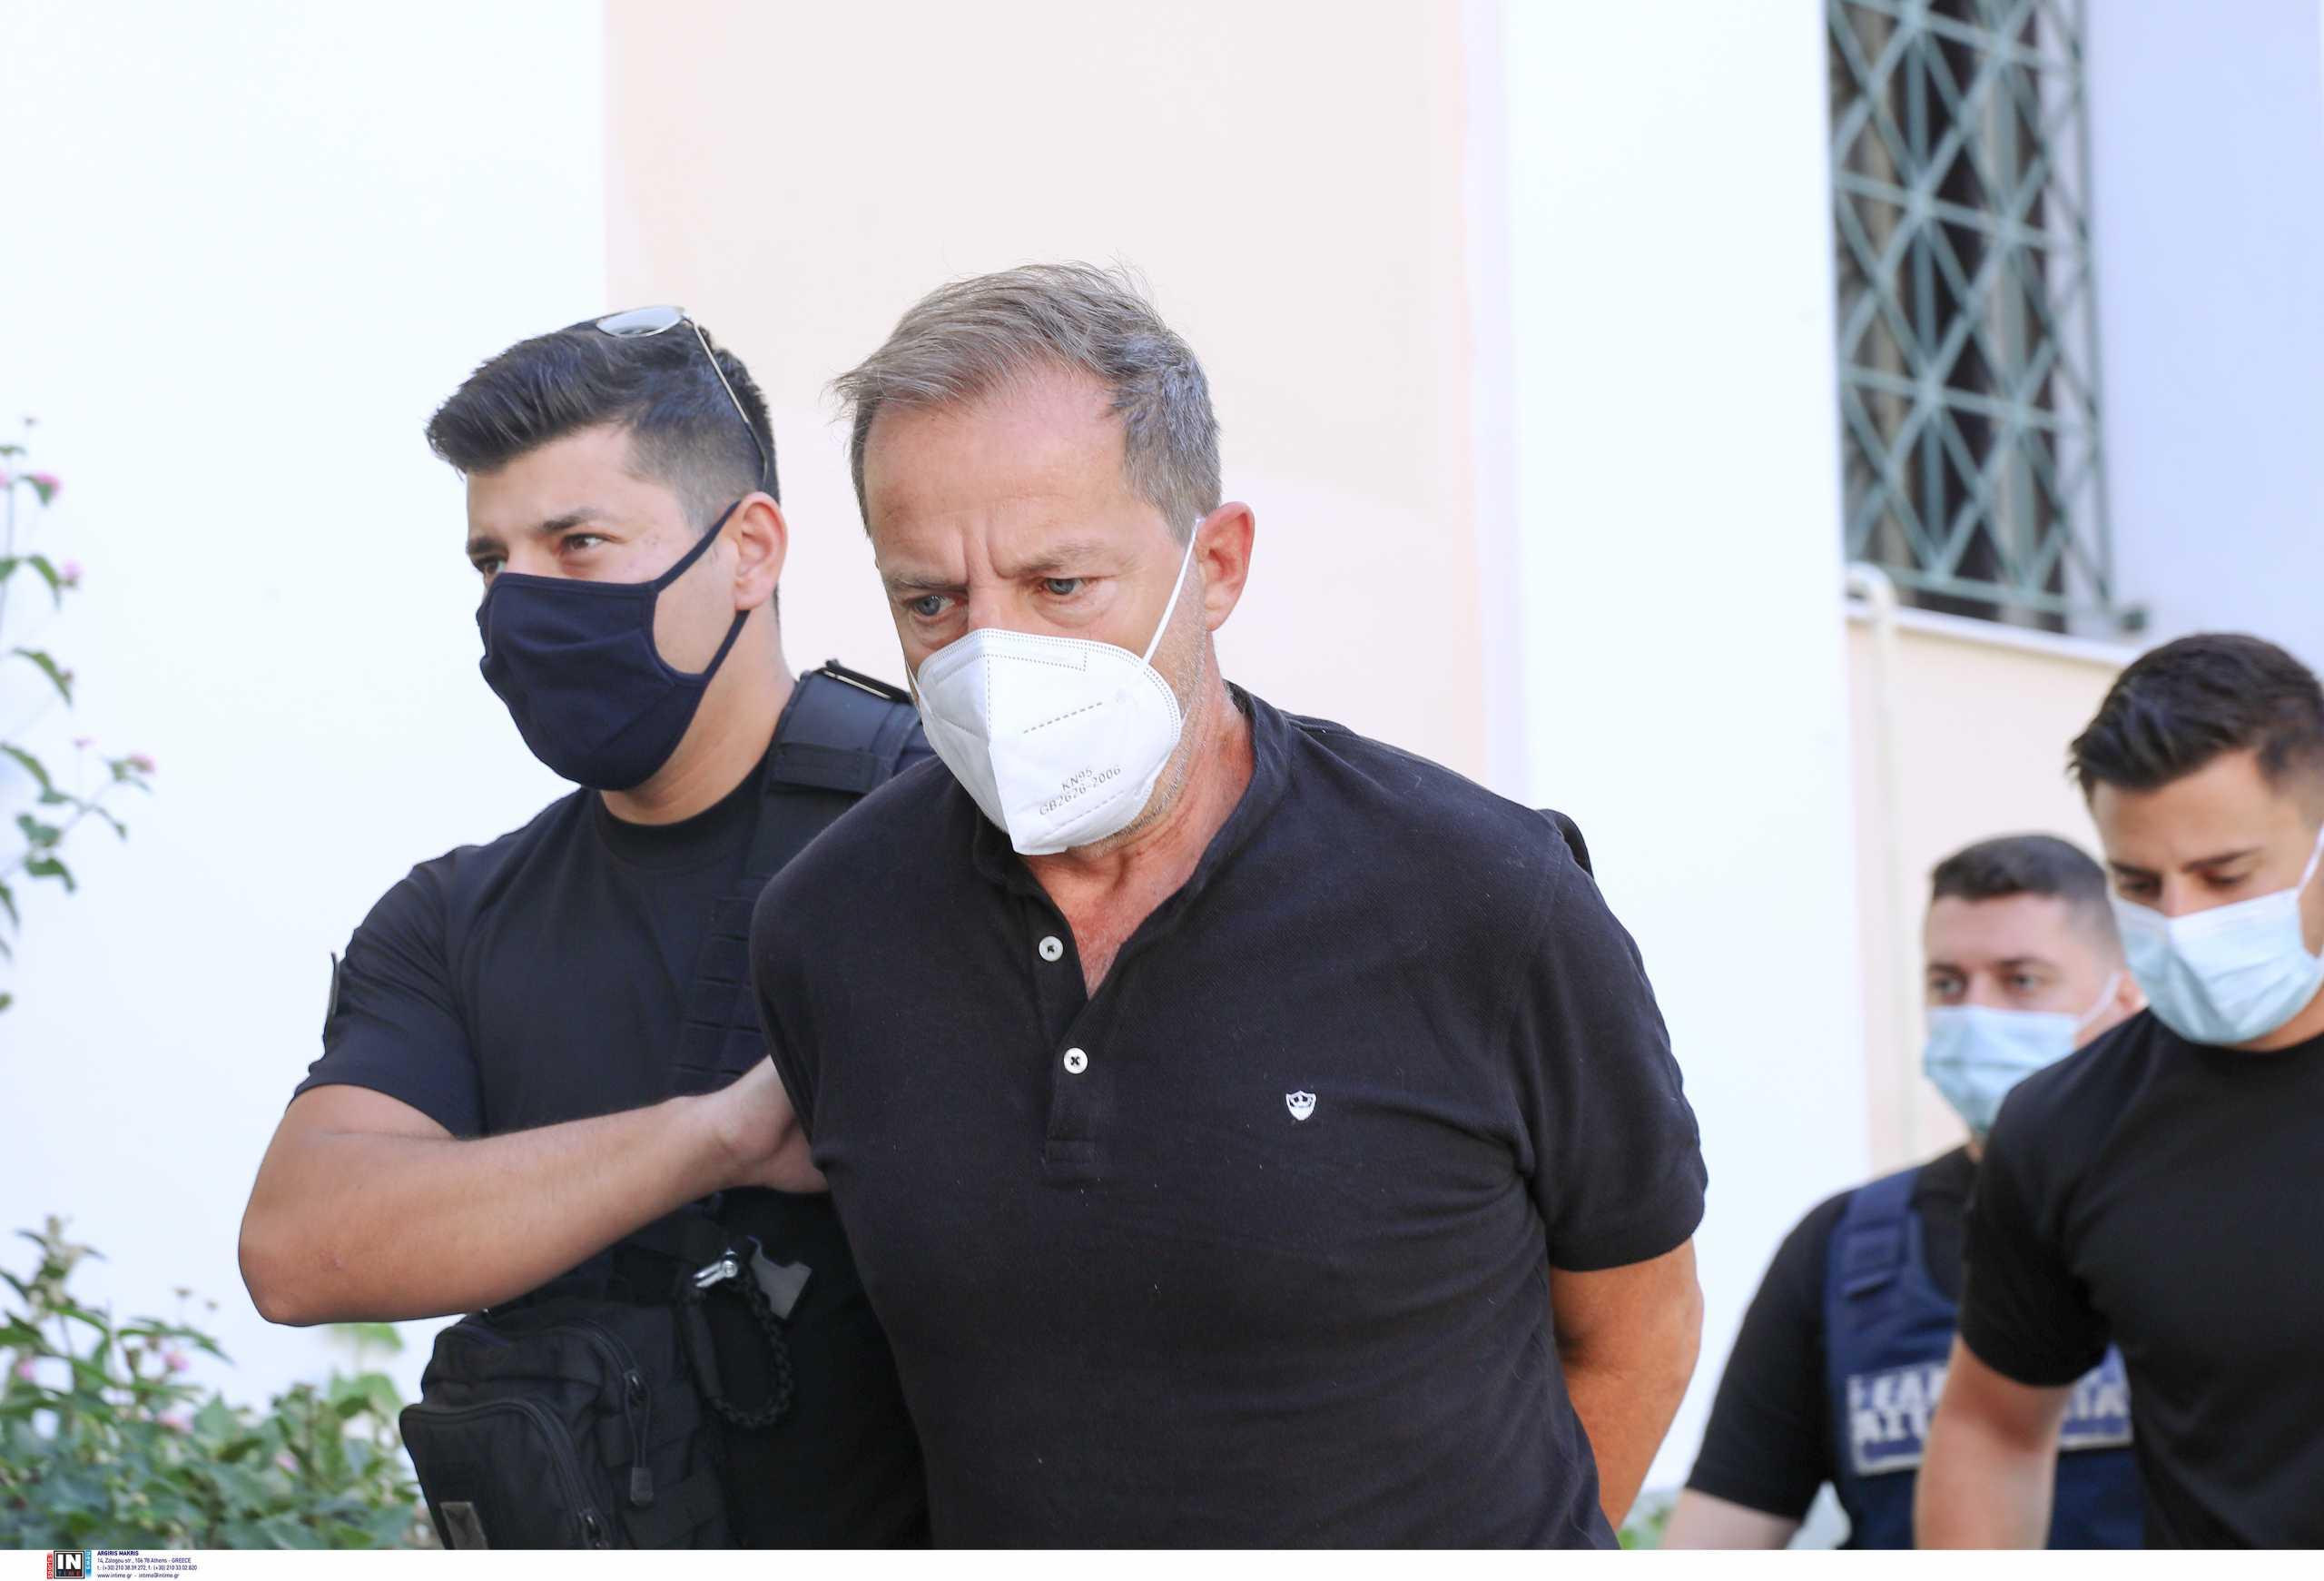 Δημήτρης Λιγνάδης: Κάνει μηνύσεις εναντίον θυμάτων και μαρτύρων